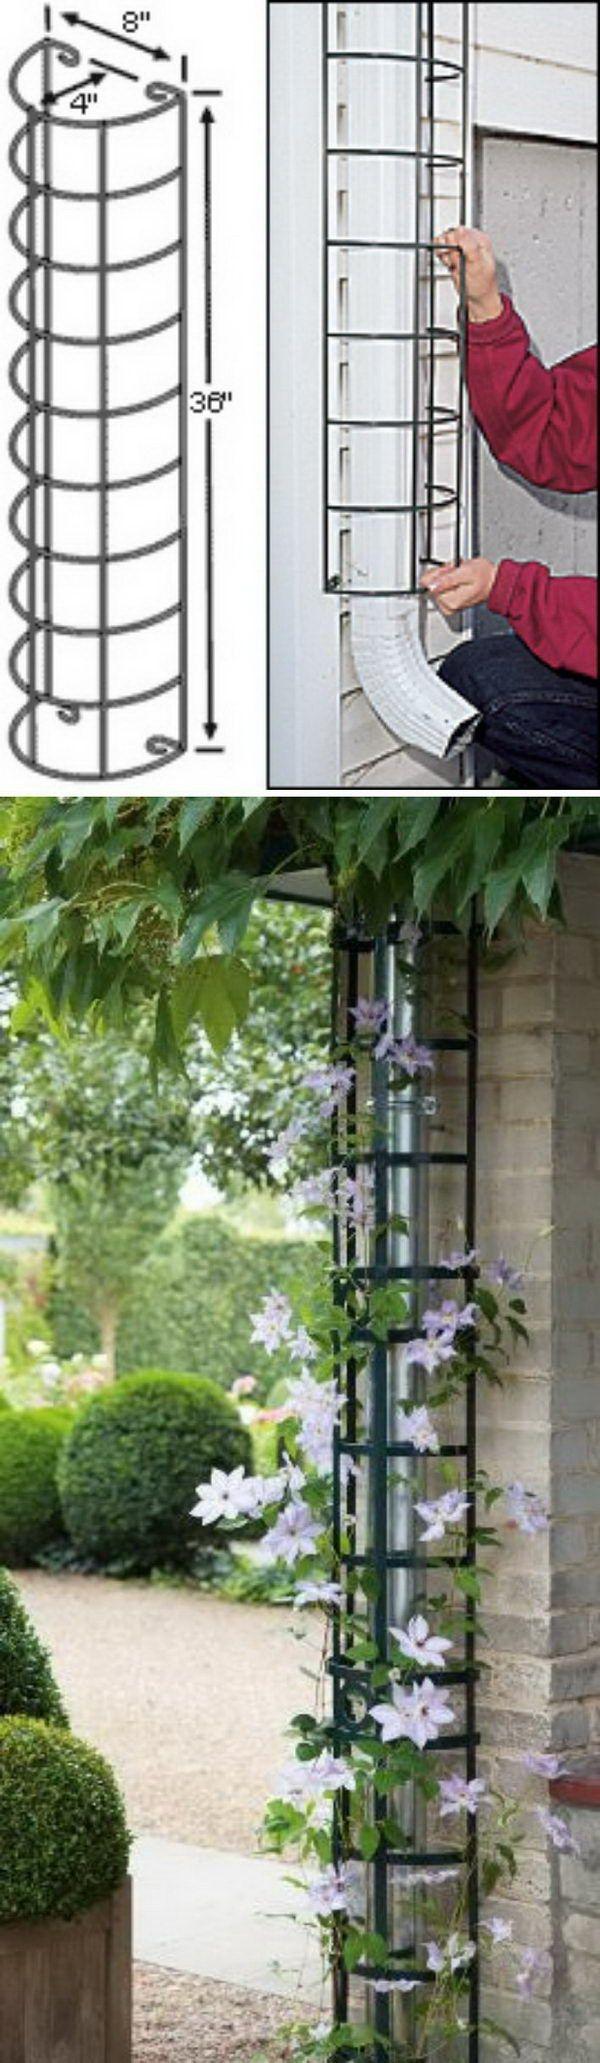 30 + DIY Gitter Ideen für Ihren Garten #vorgartenanlegen